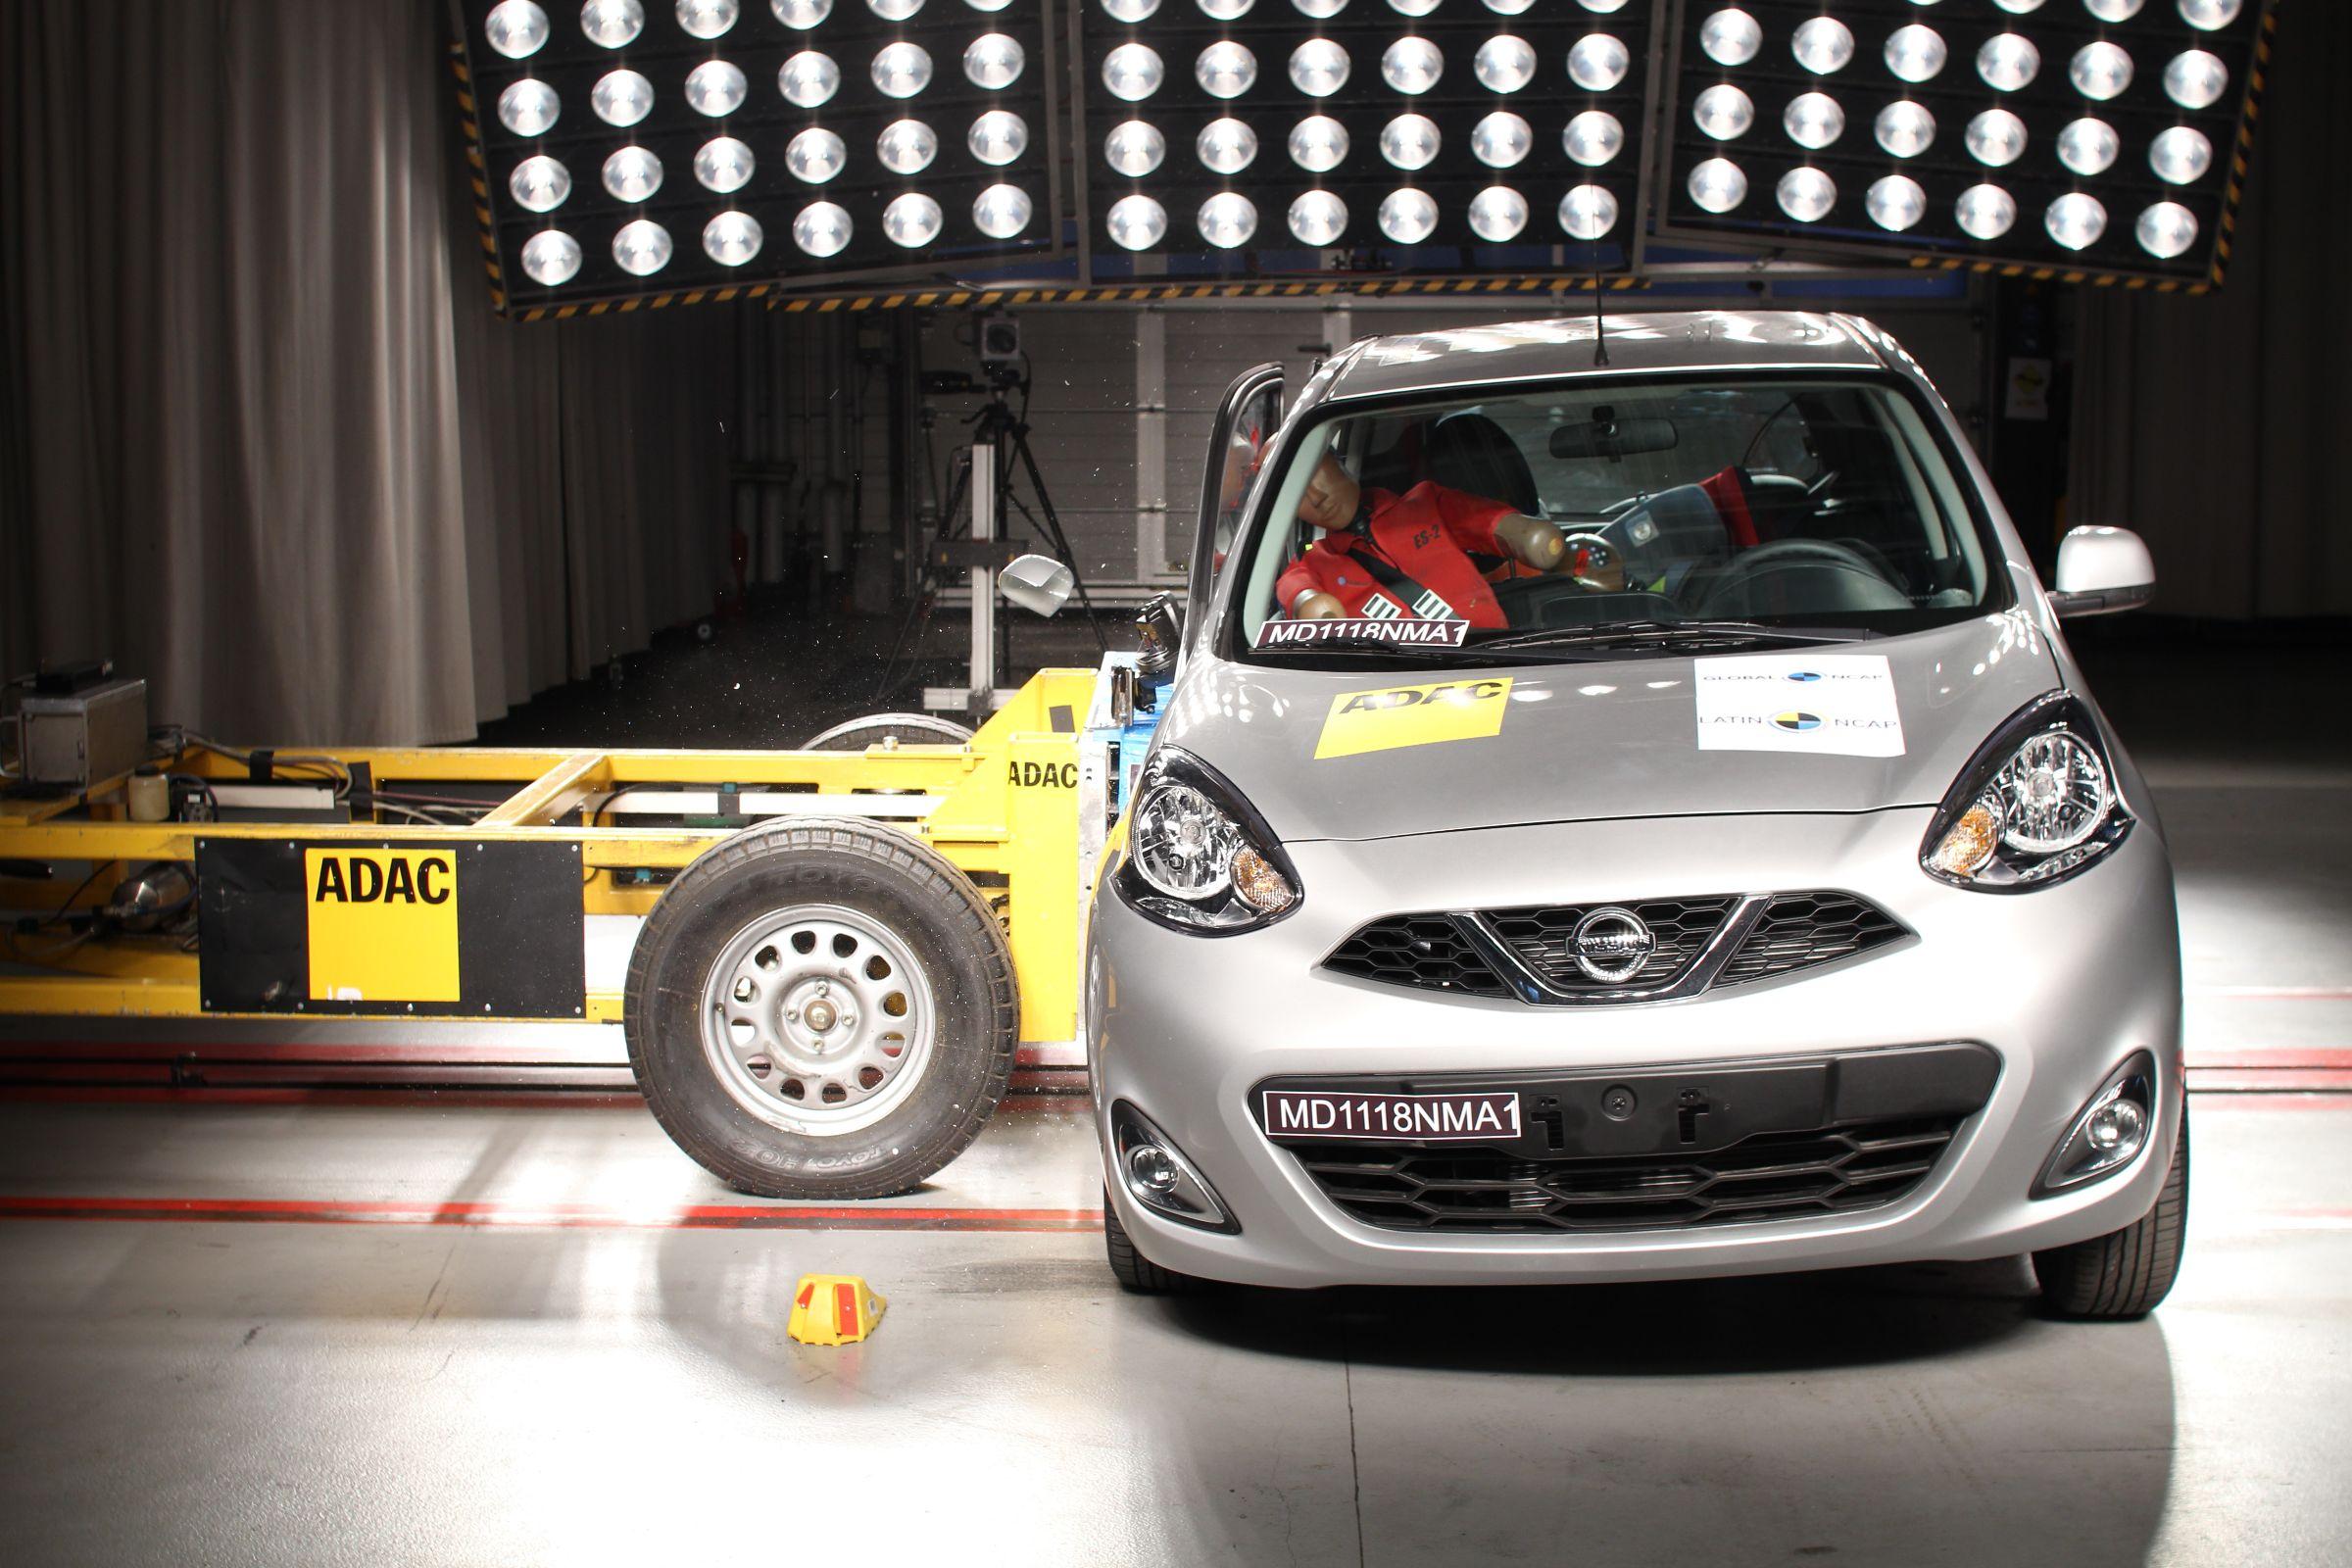 O Latin Ncap revelou o resultado de mais um modelo produzido no Brasil. O Nissan March se mostra inseguro quanto aos impactos laterais.